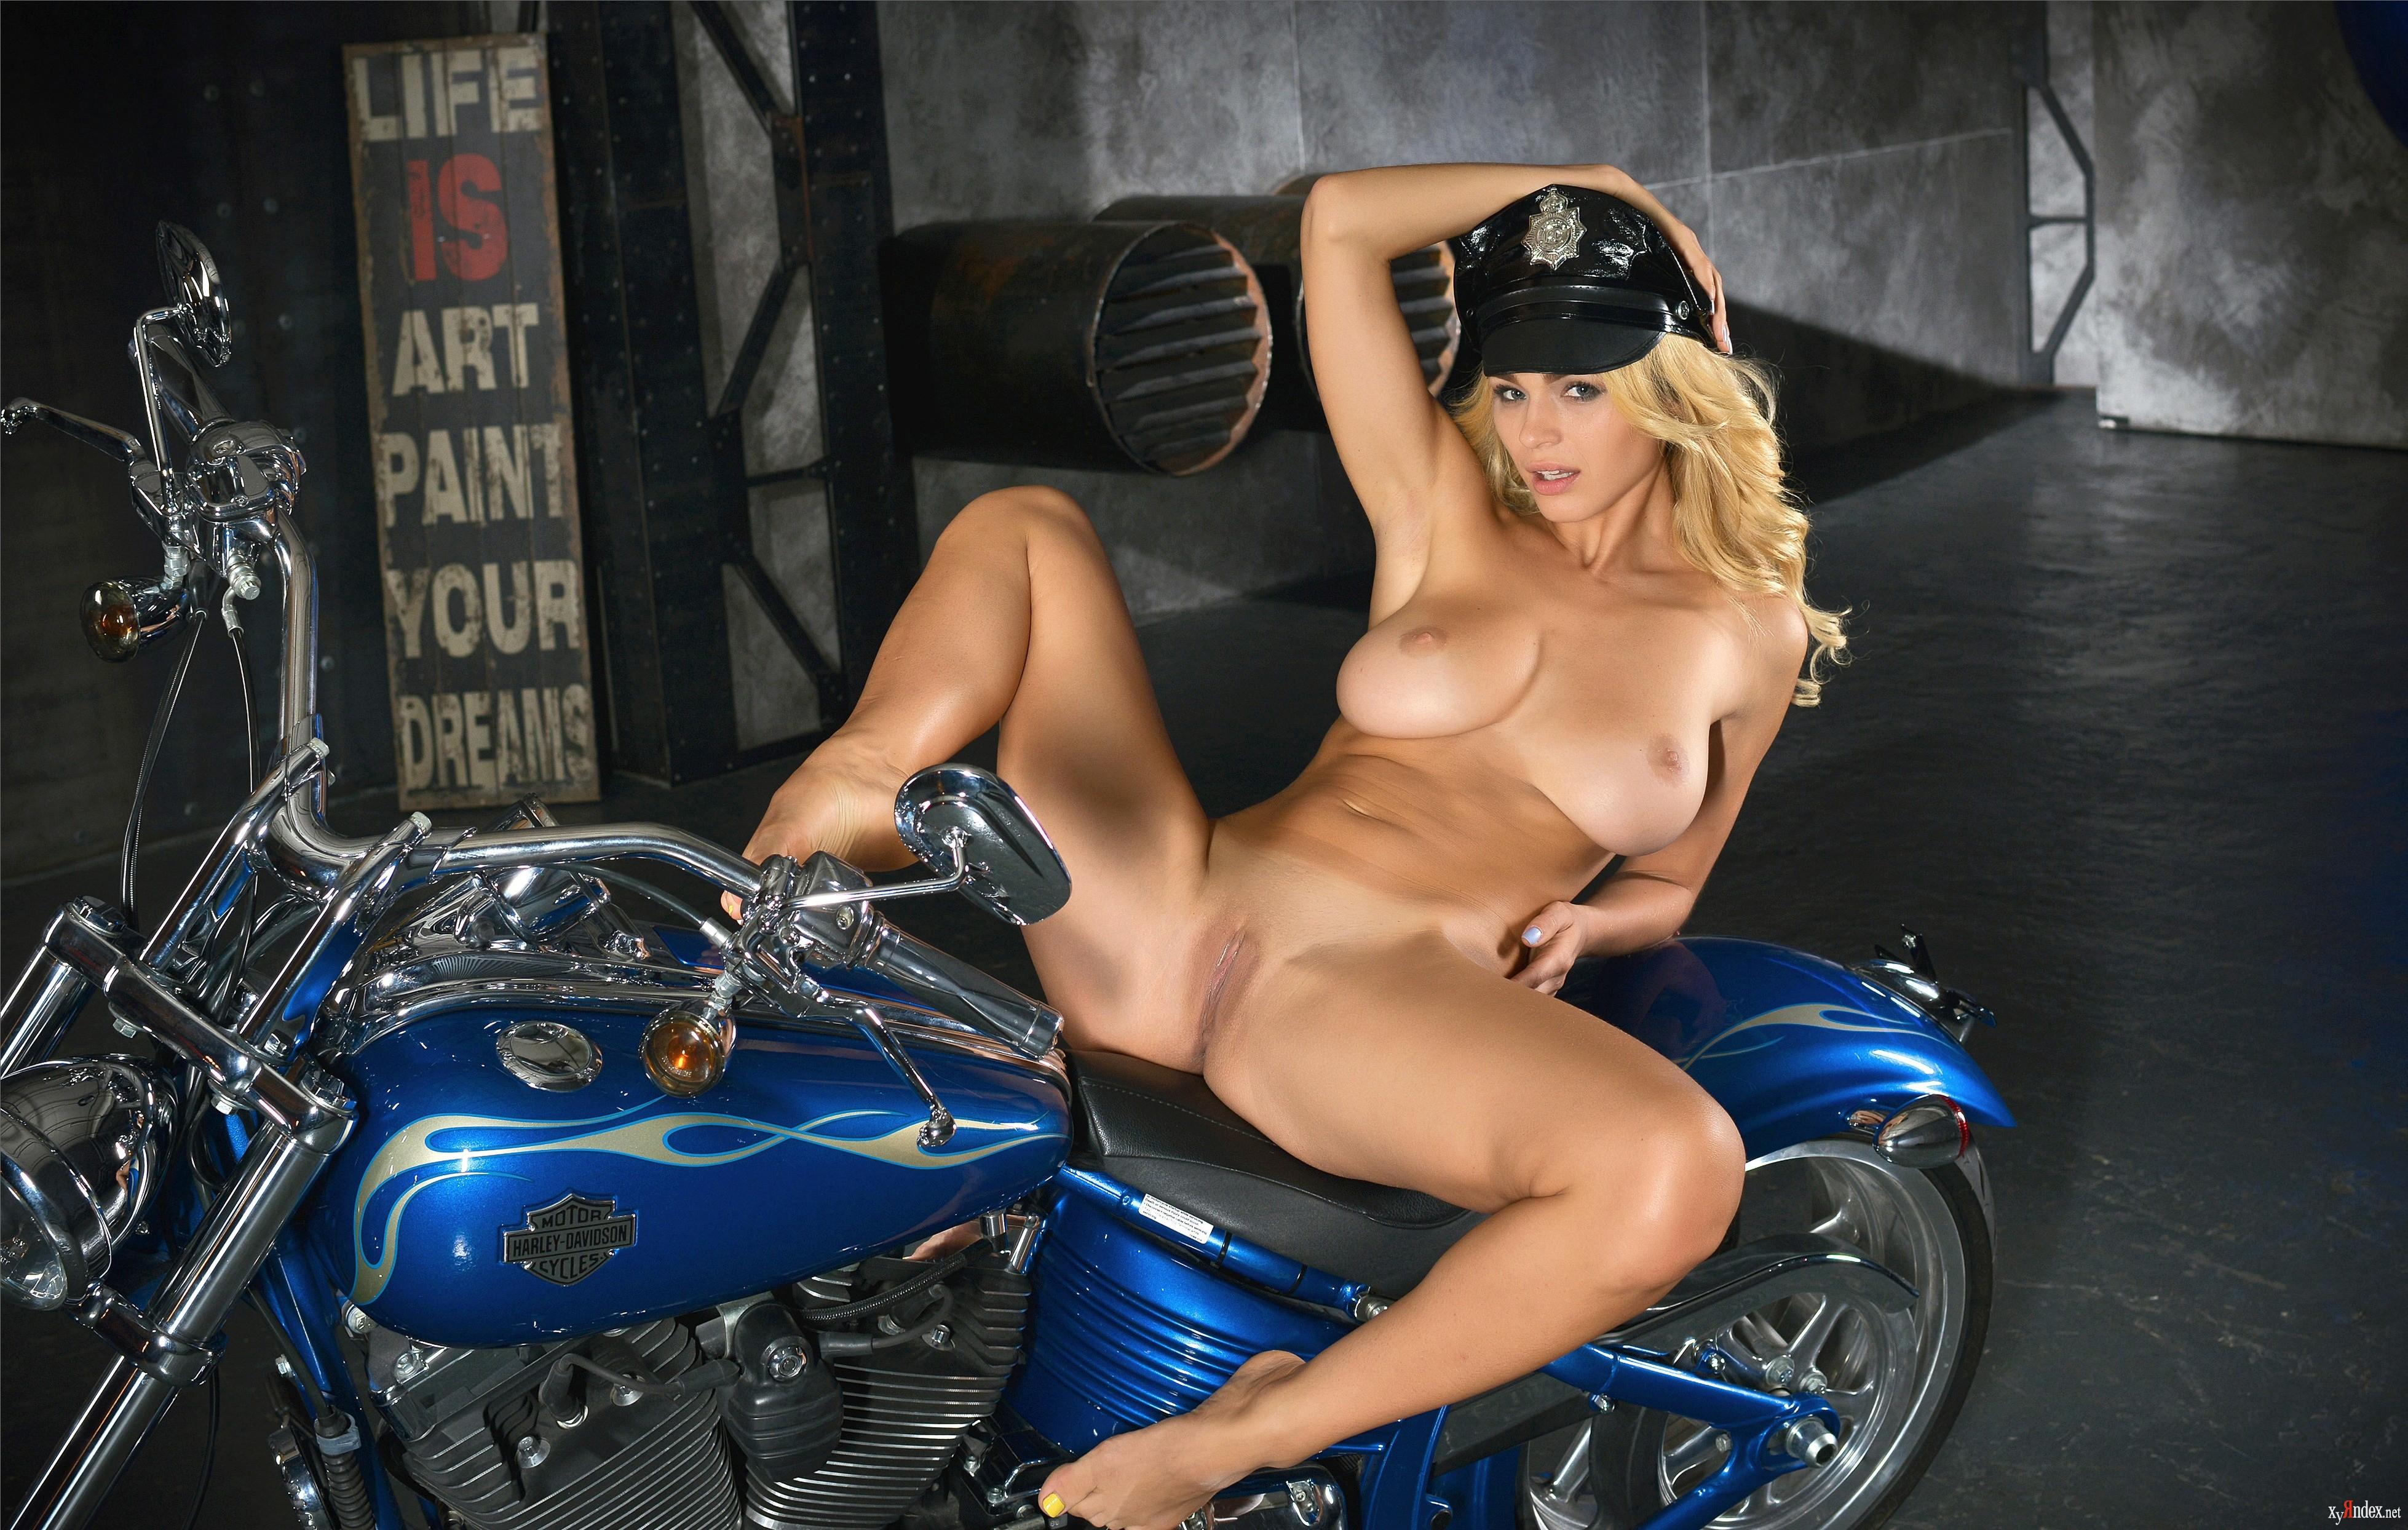 biker boobs